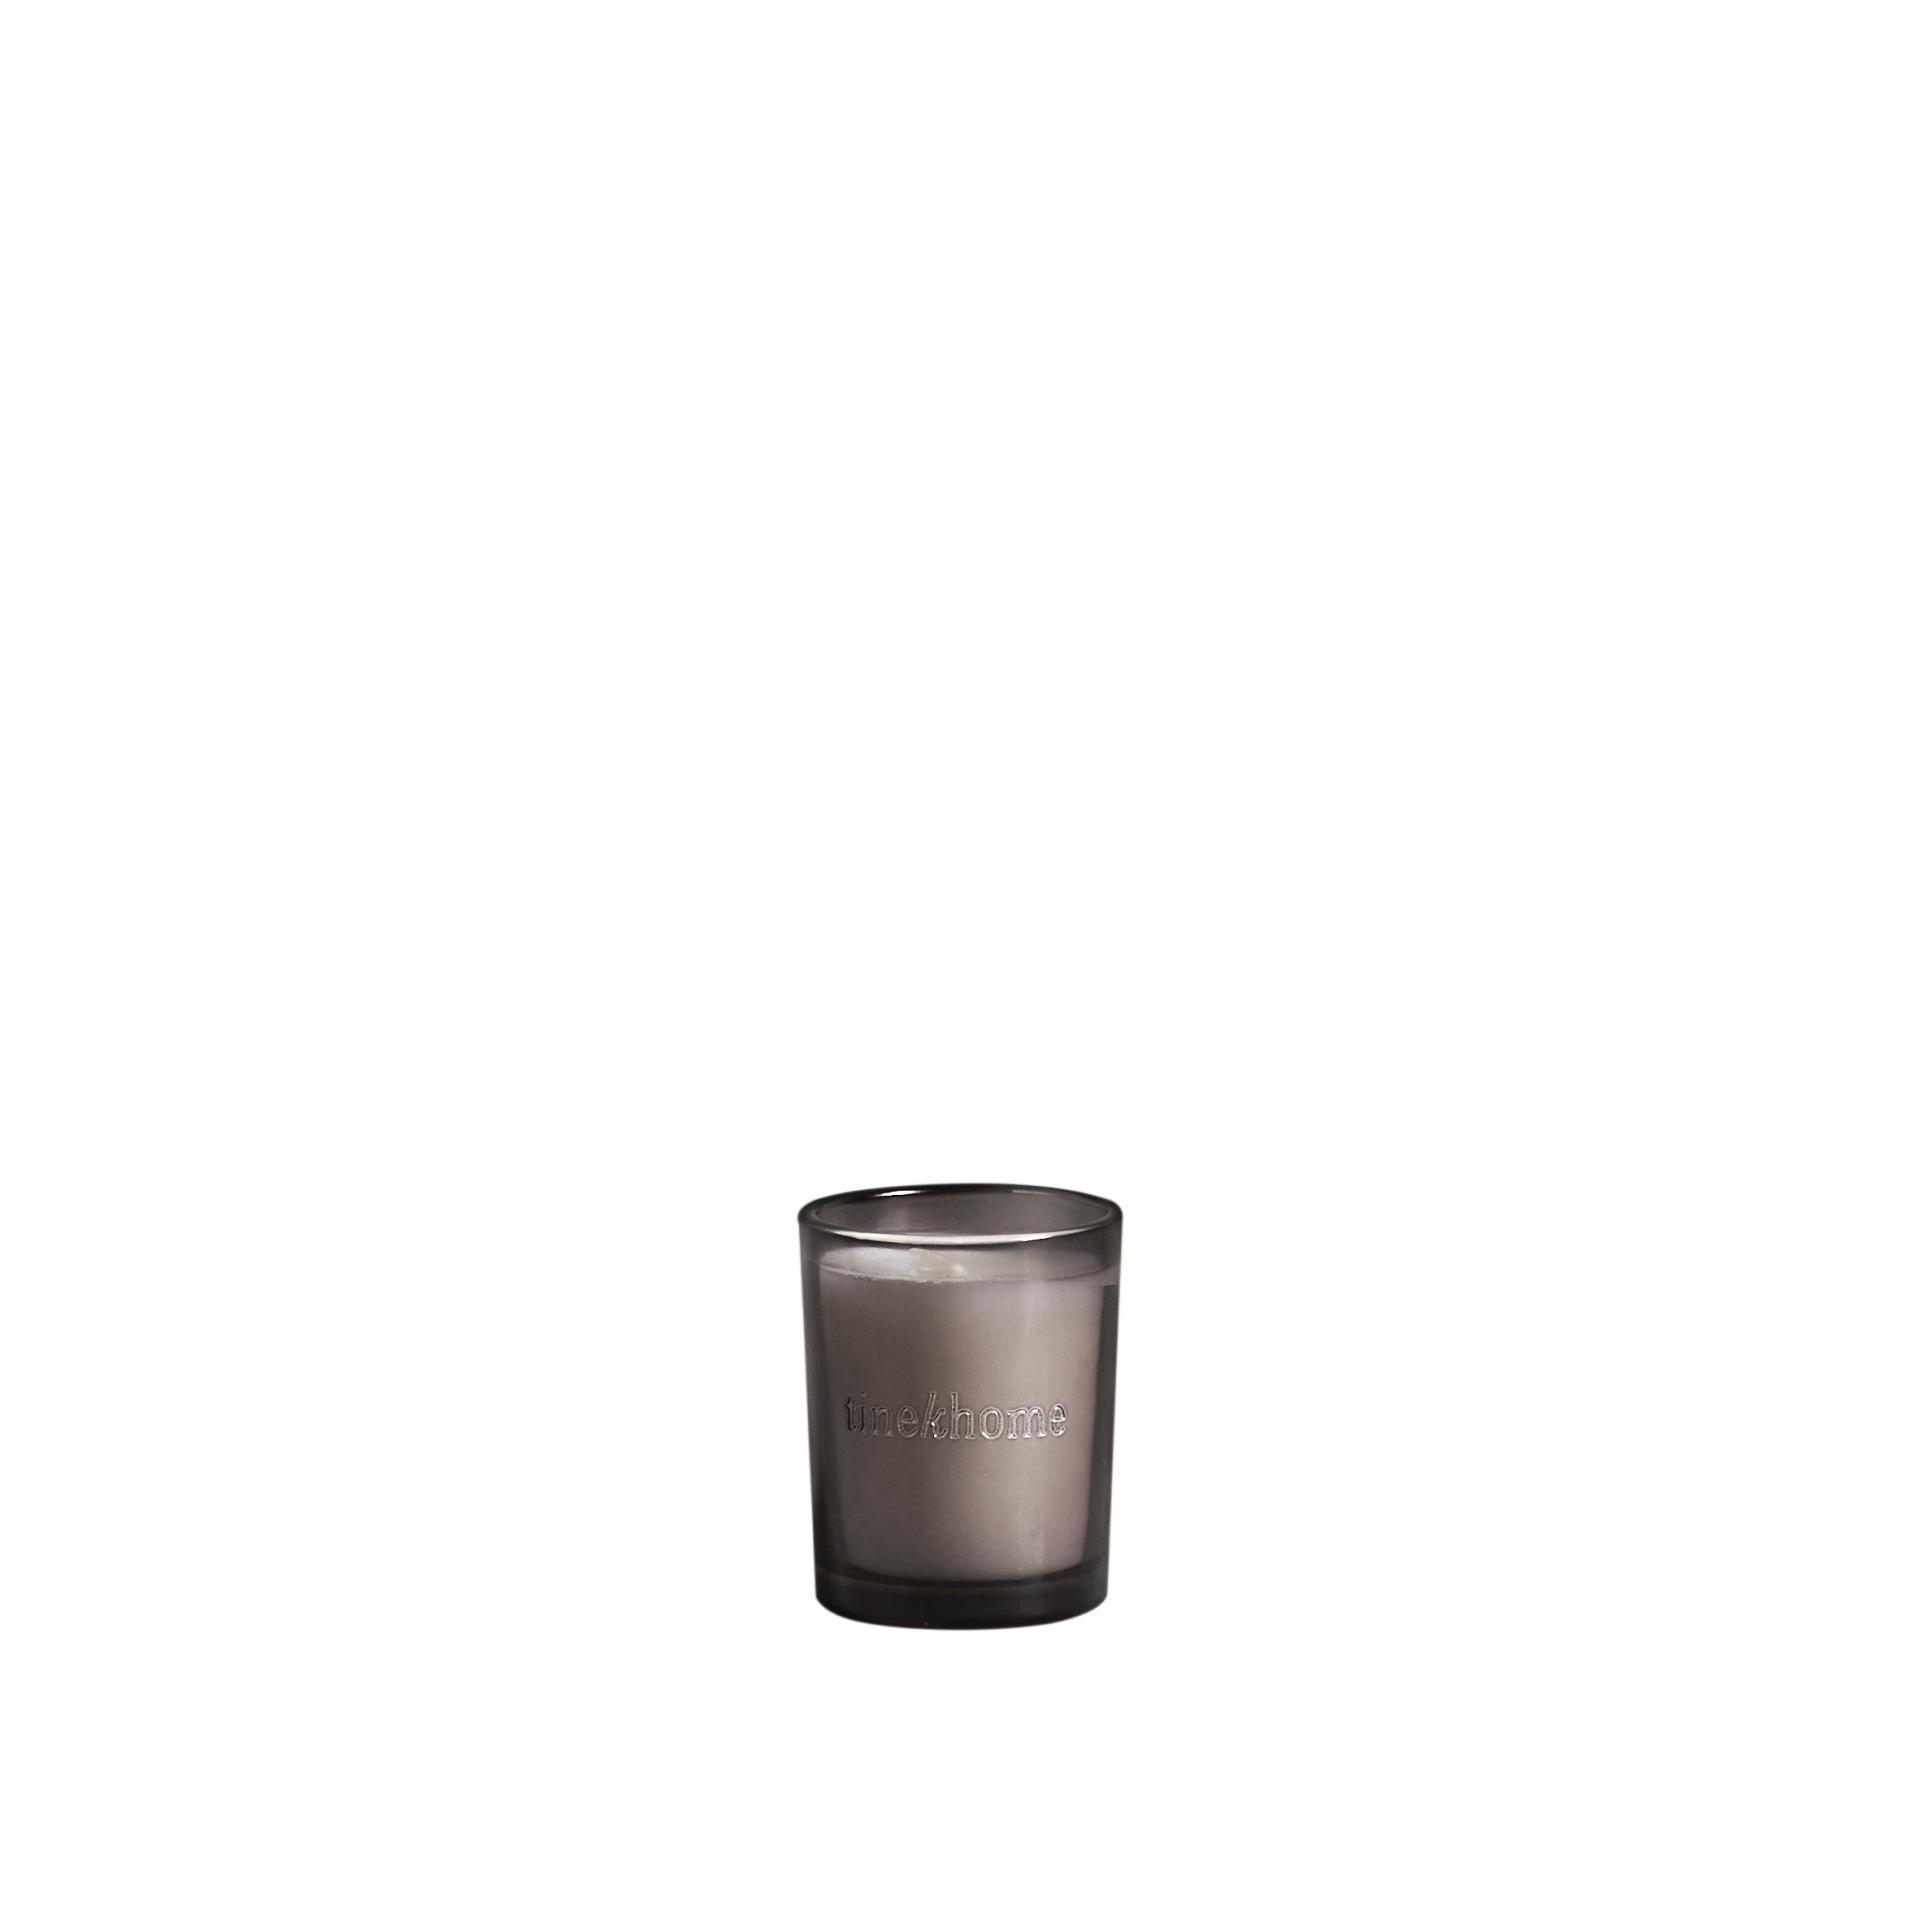 Tine K Home Vonná svíčka Green Tea Small, šedá barva, sklo